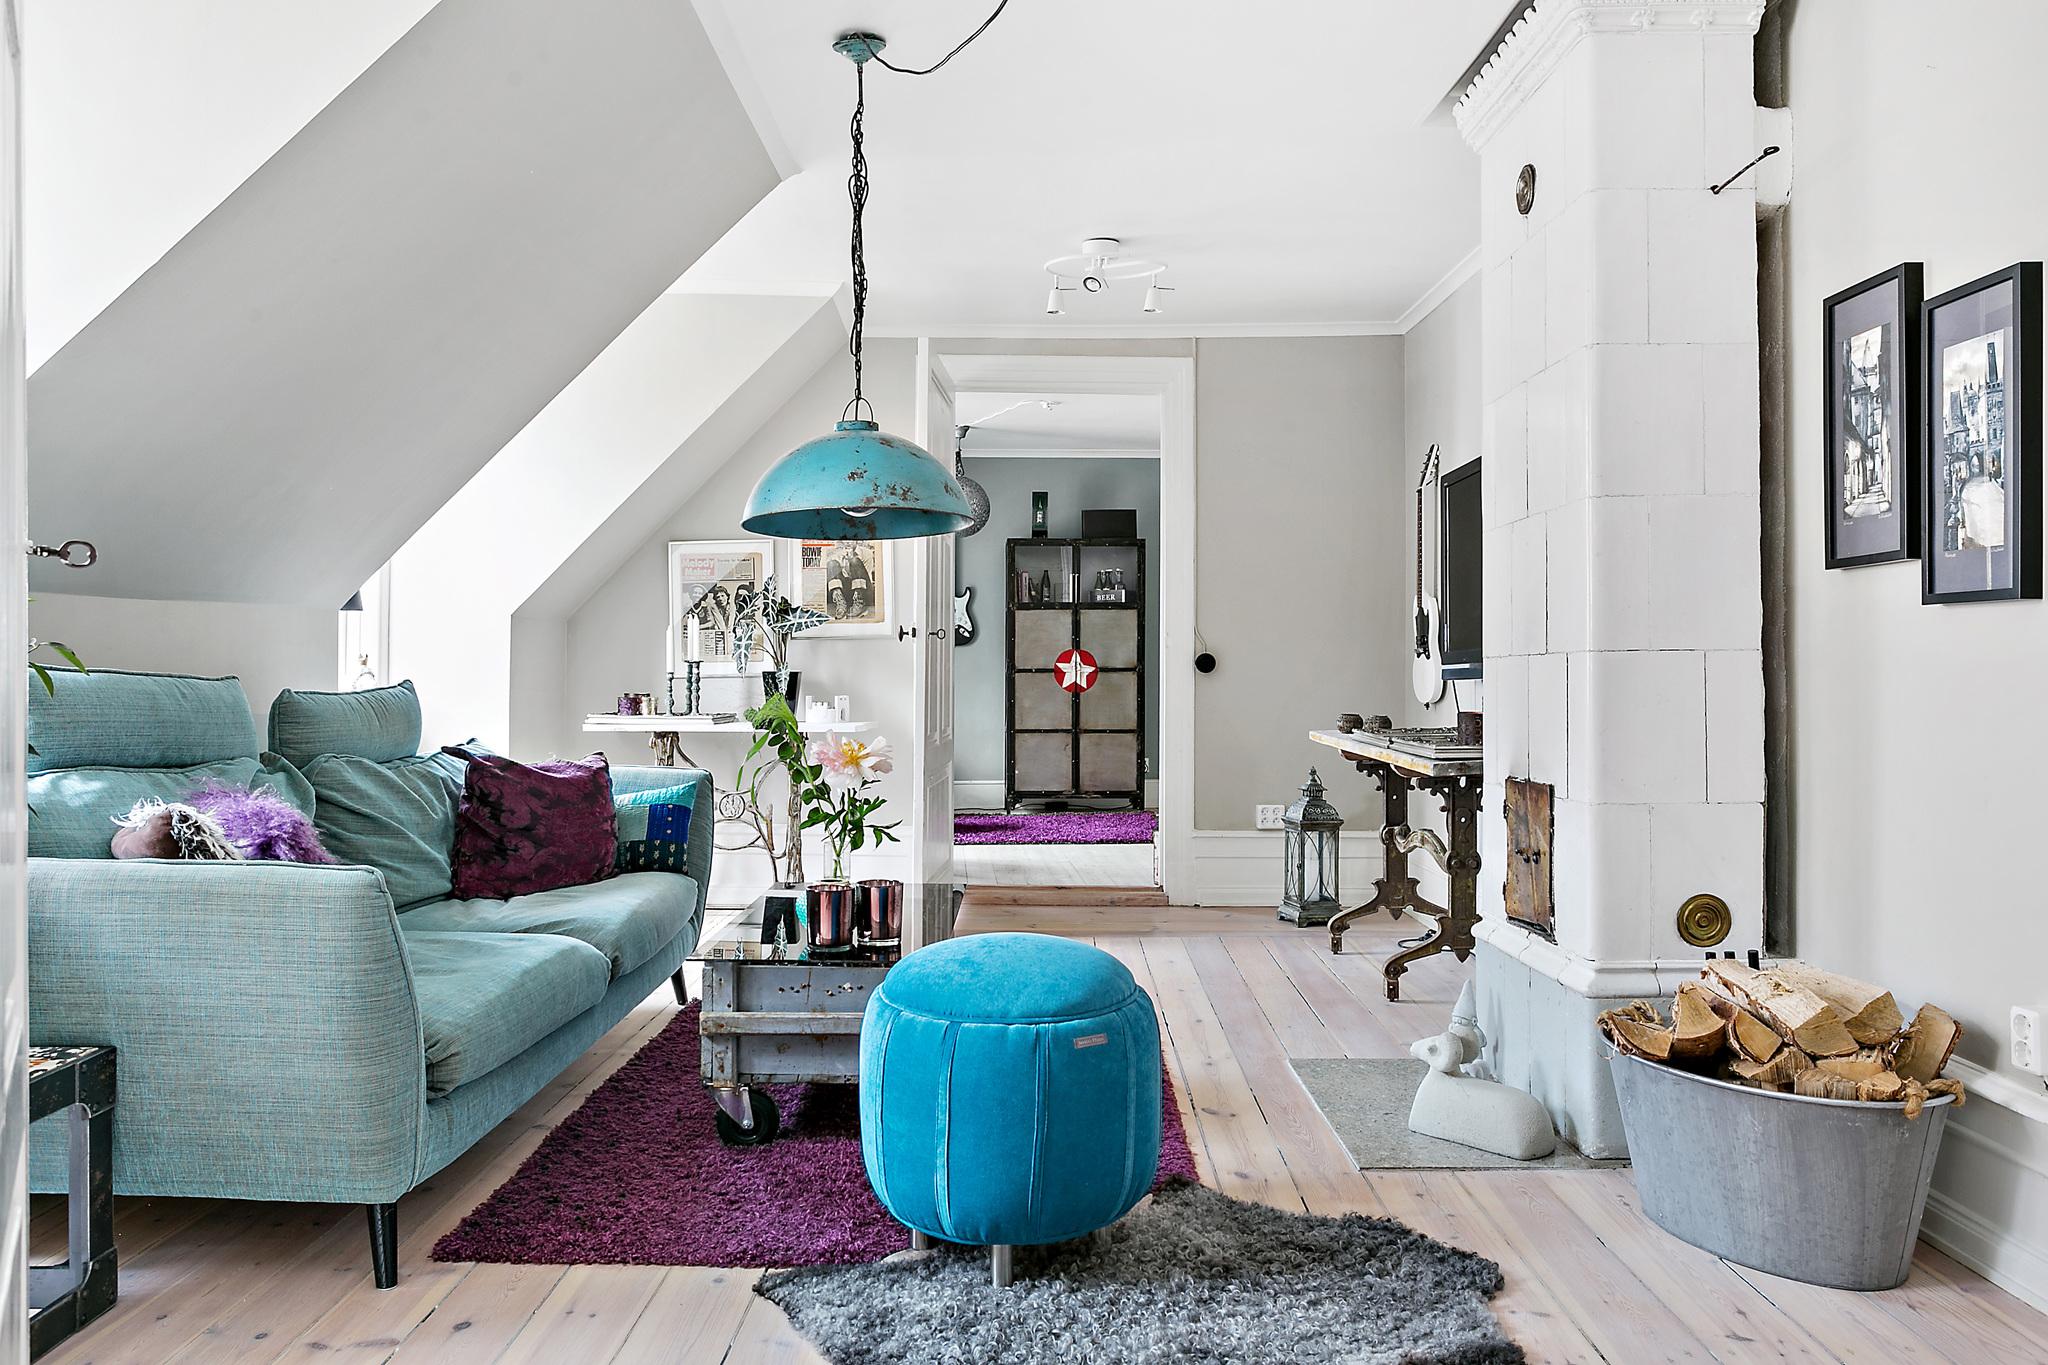 гостиная диван пуф шкура печь лампа столик телевизор консоль мансарда